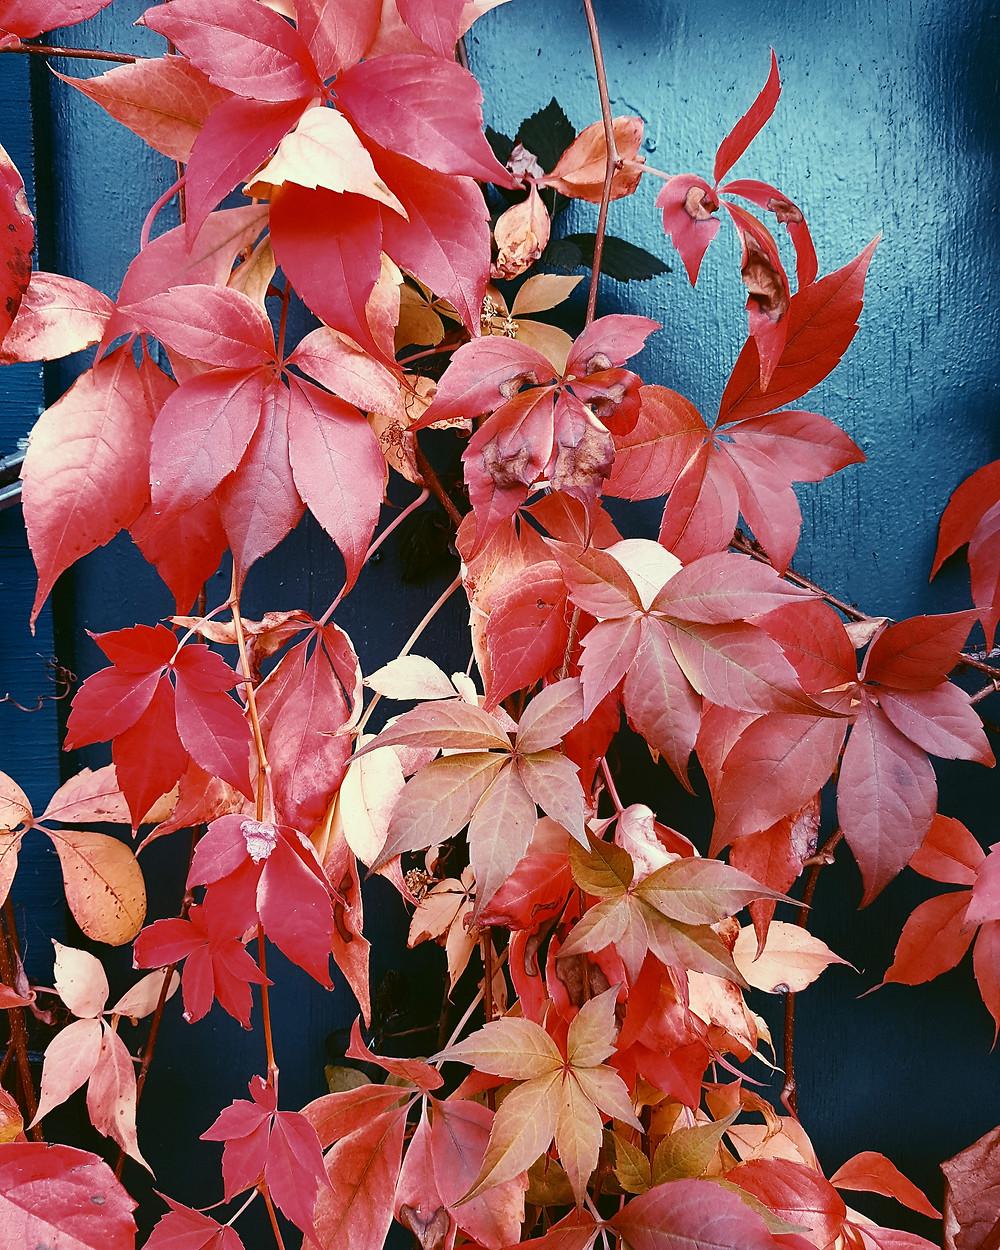 Autumn Leaves, leaf colour, autumn, color, autumn color, texture, crisp leaves, red leaves